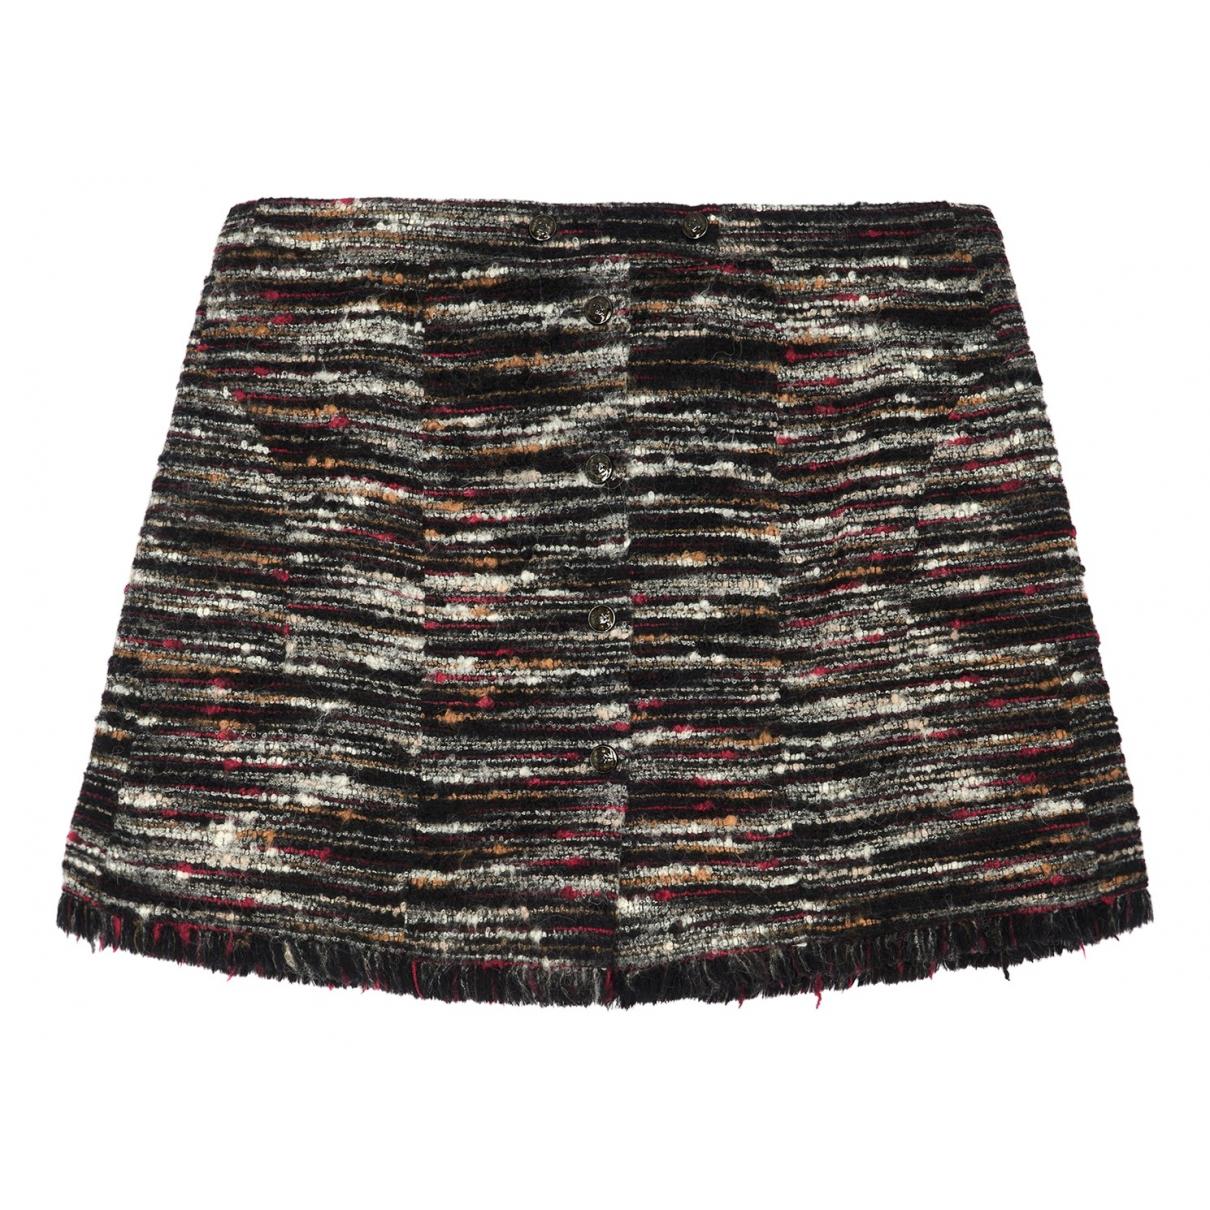 Chanel N Multicolour Cotton skirt for Women 18-20 UK